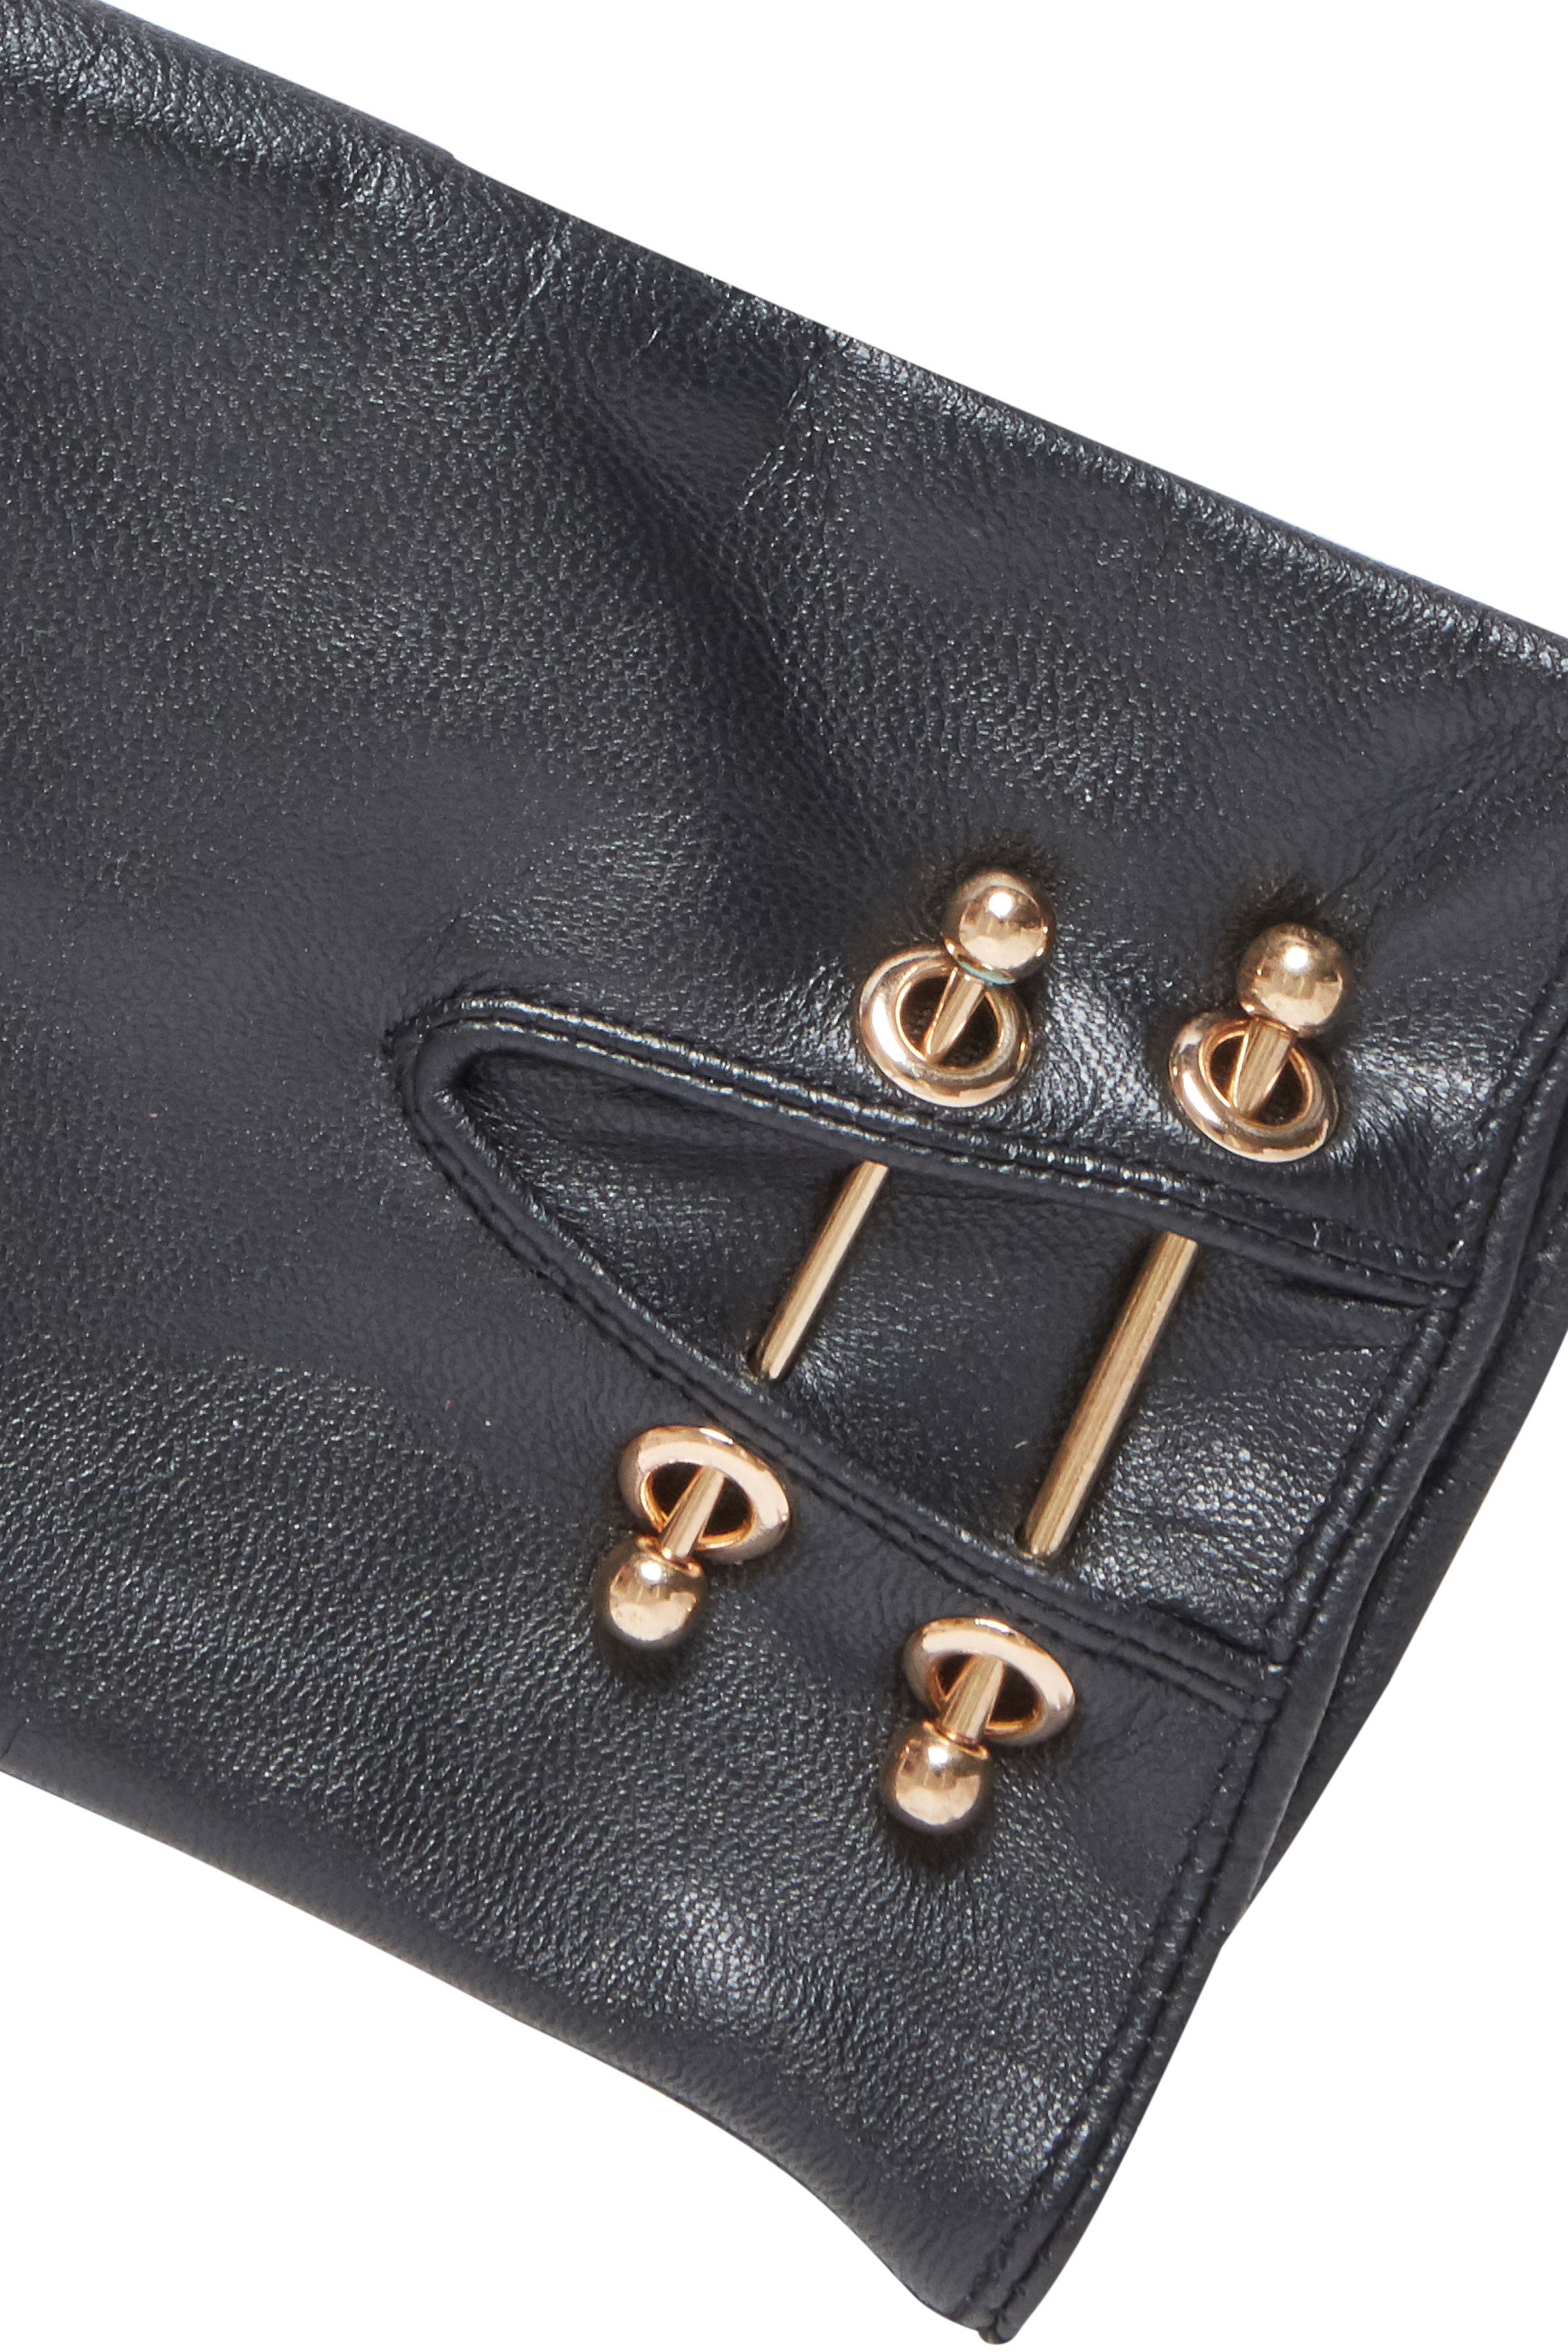 Sort Handsker fra Ichi - accessories – Køb Sort Handsker fra str. XS/S-M/L her